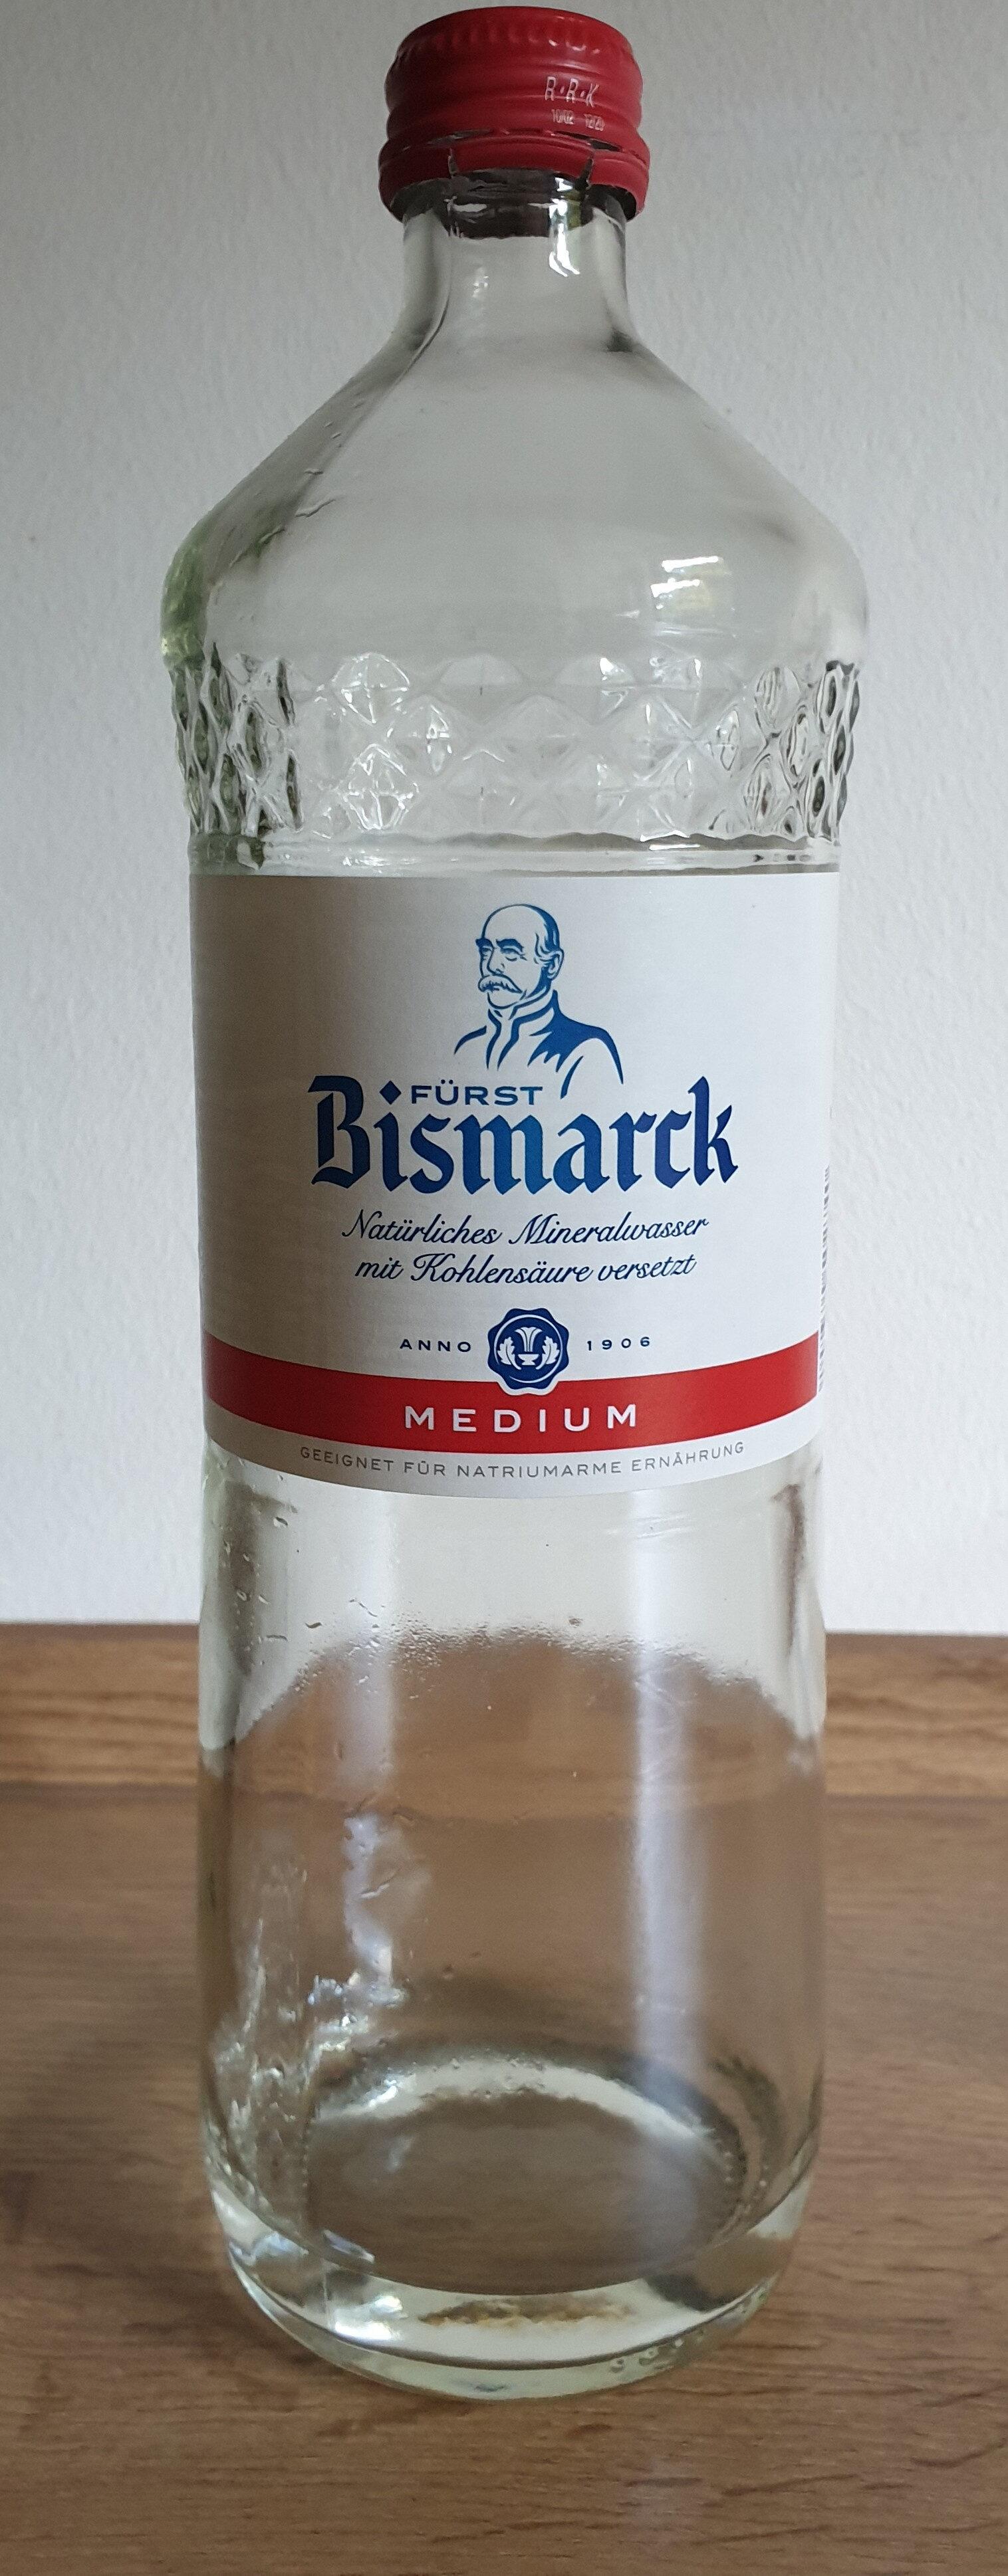 Bismarck - Product - de